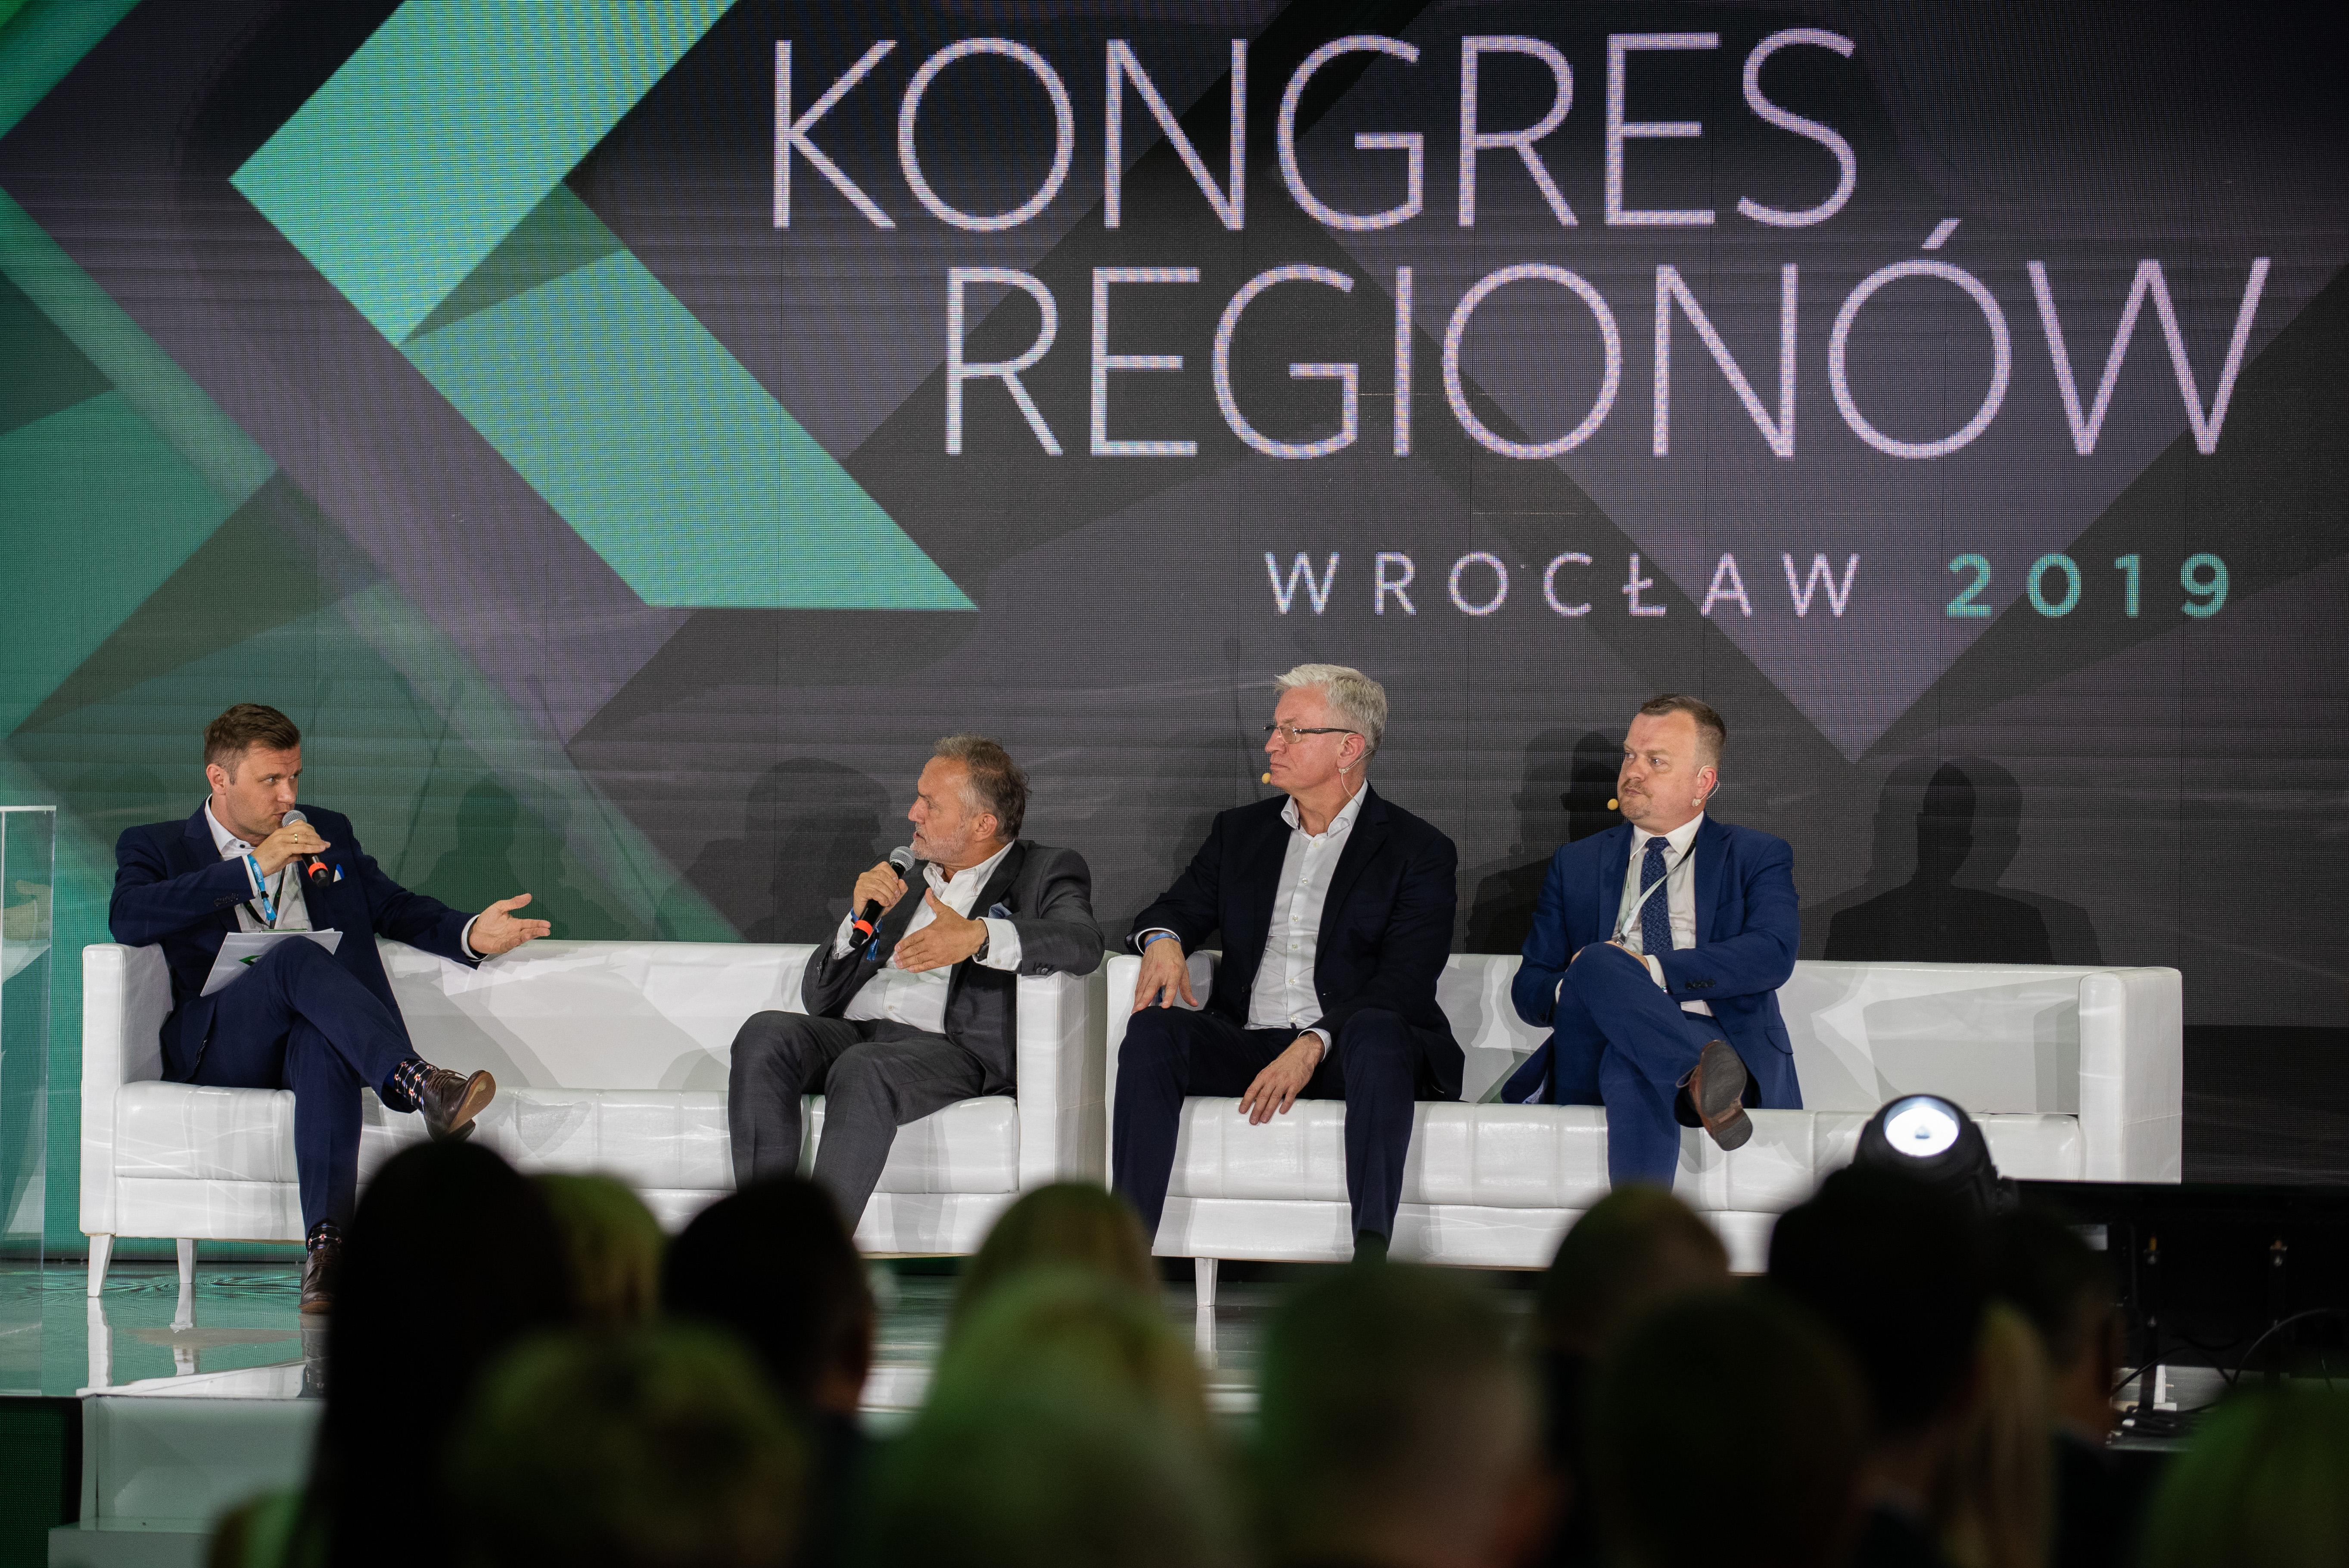 Kontrdebata na temat mobilności, od lewej Piotr Kozanecki, Wojciech Szczurek, Jacek Jaśkowiak i Arkadiusz Chęciński, fot. kongresregionow.pl